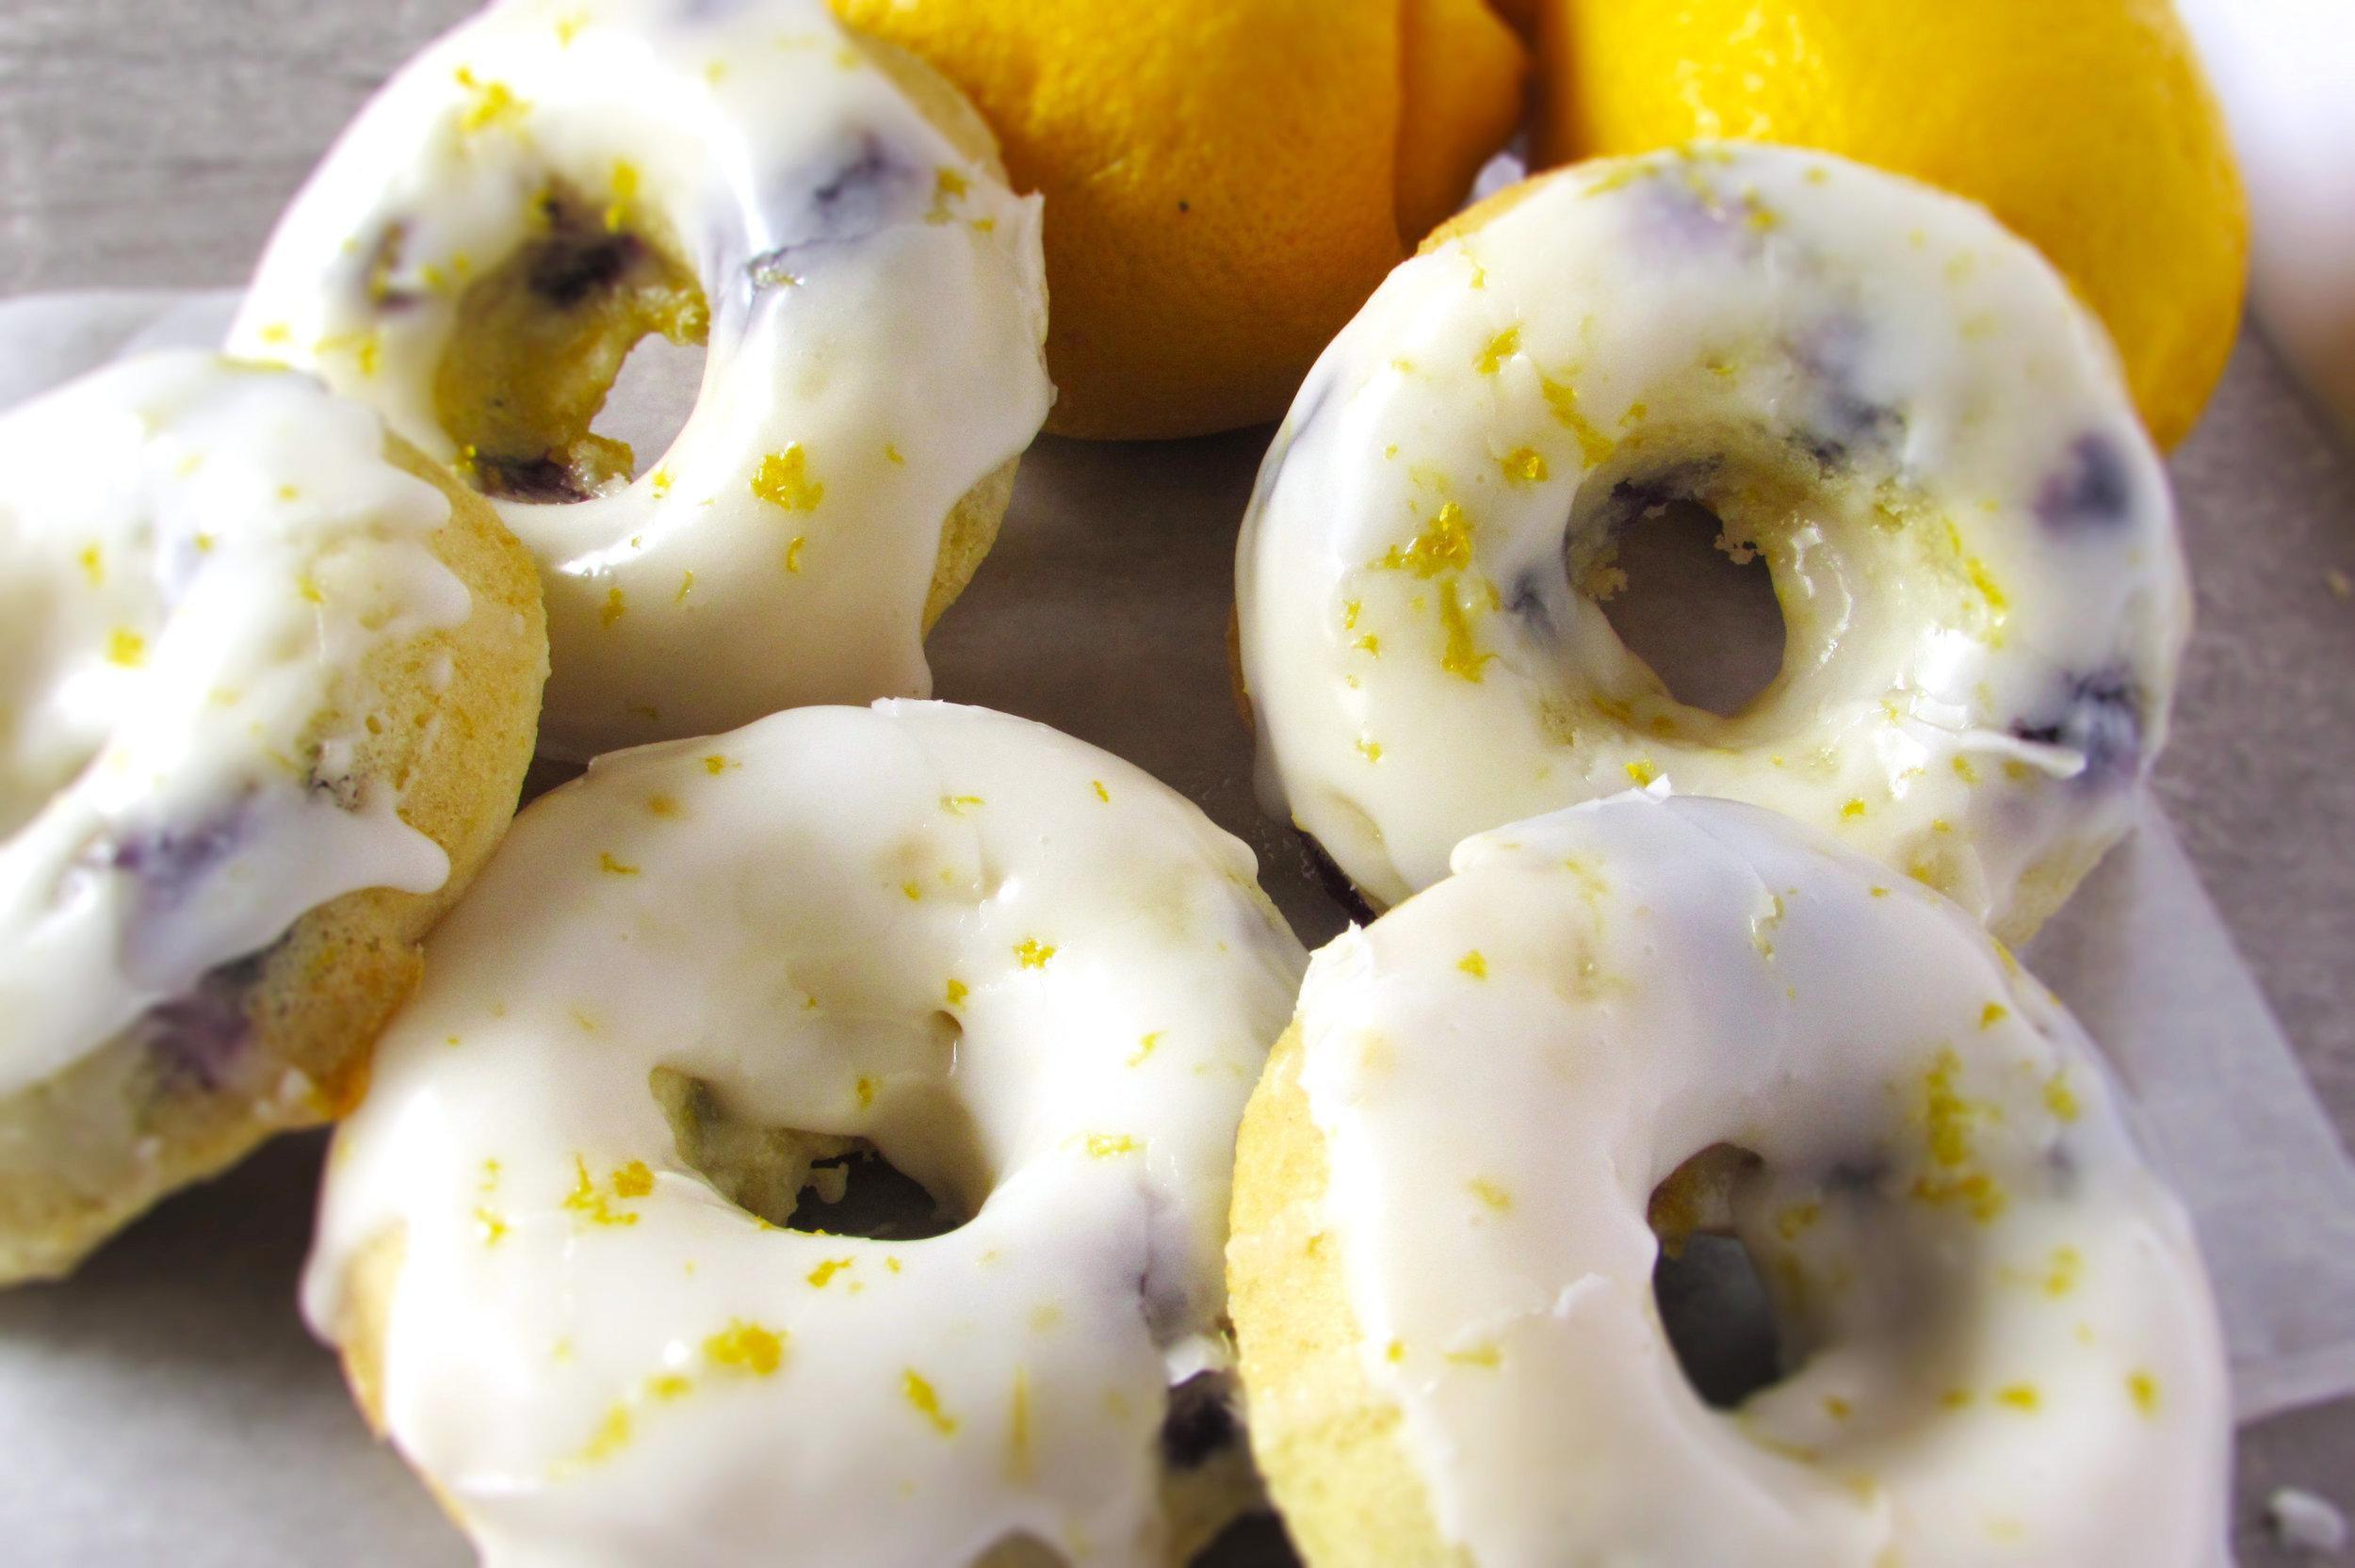 Baked Lemon Blueberry Donuts2.jpg